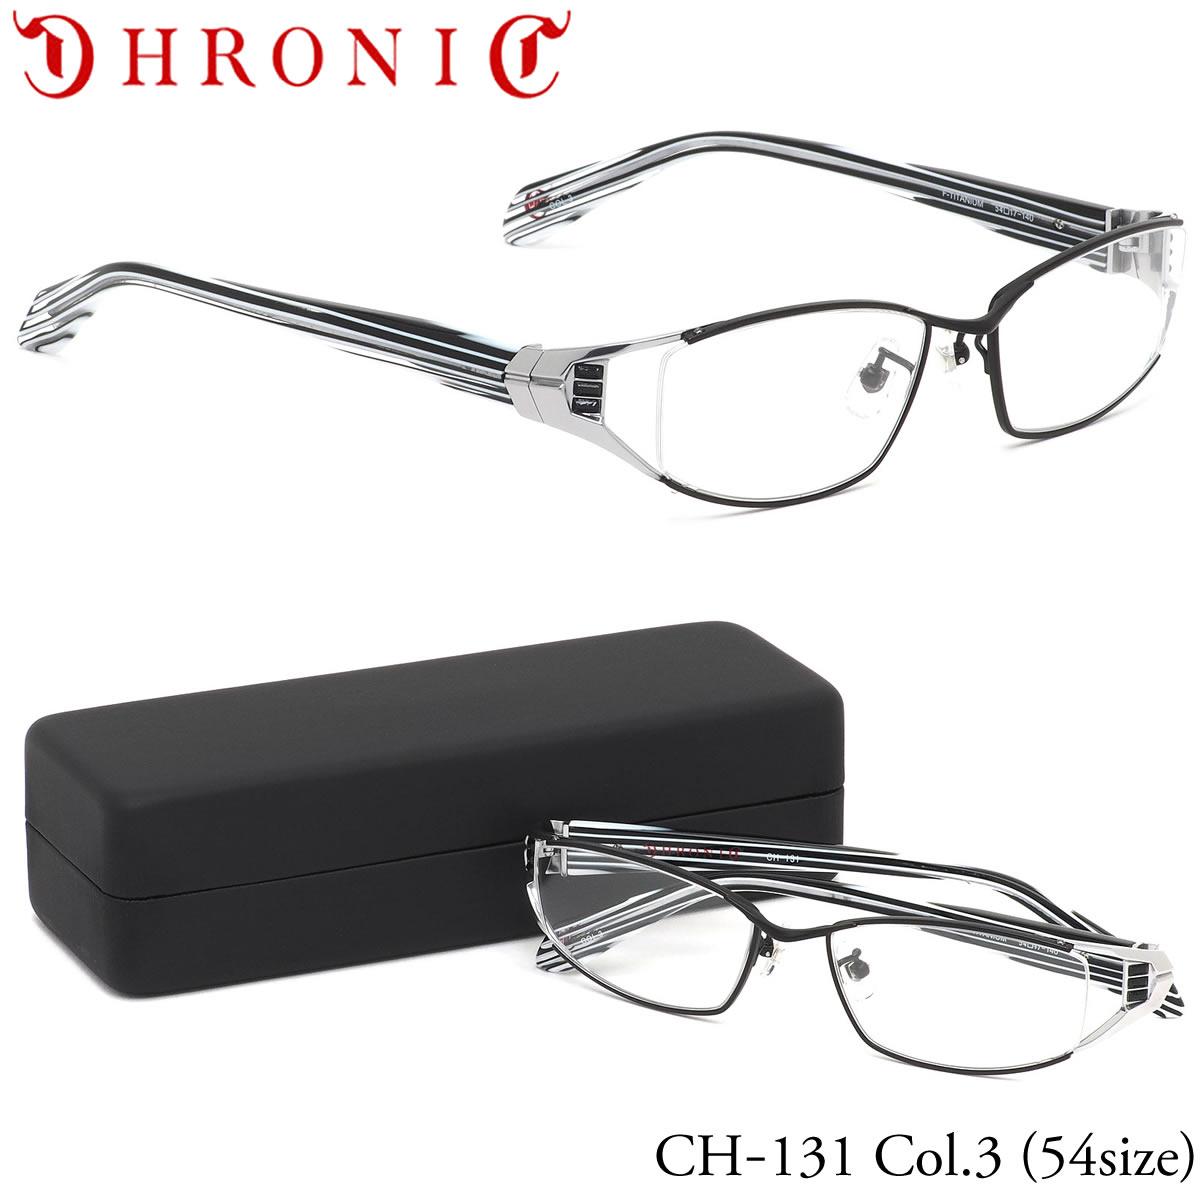 【10月30日からエントリーで全品ポイント20倍】クロニック CHRONIC メガネCH-131 3 54サイズシャープ クール ストライプ 日本製 国産 made in japan伊達メガネレンズ無料 メンズ レディース